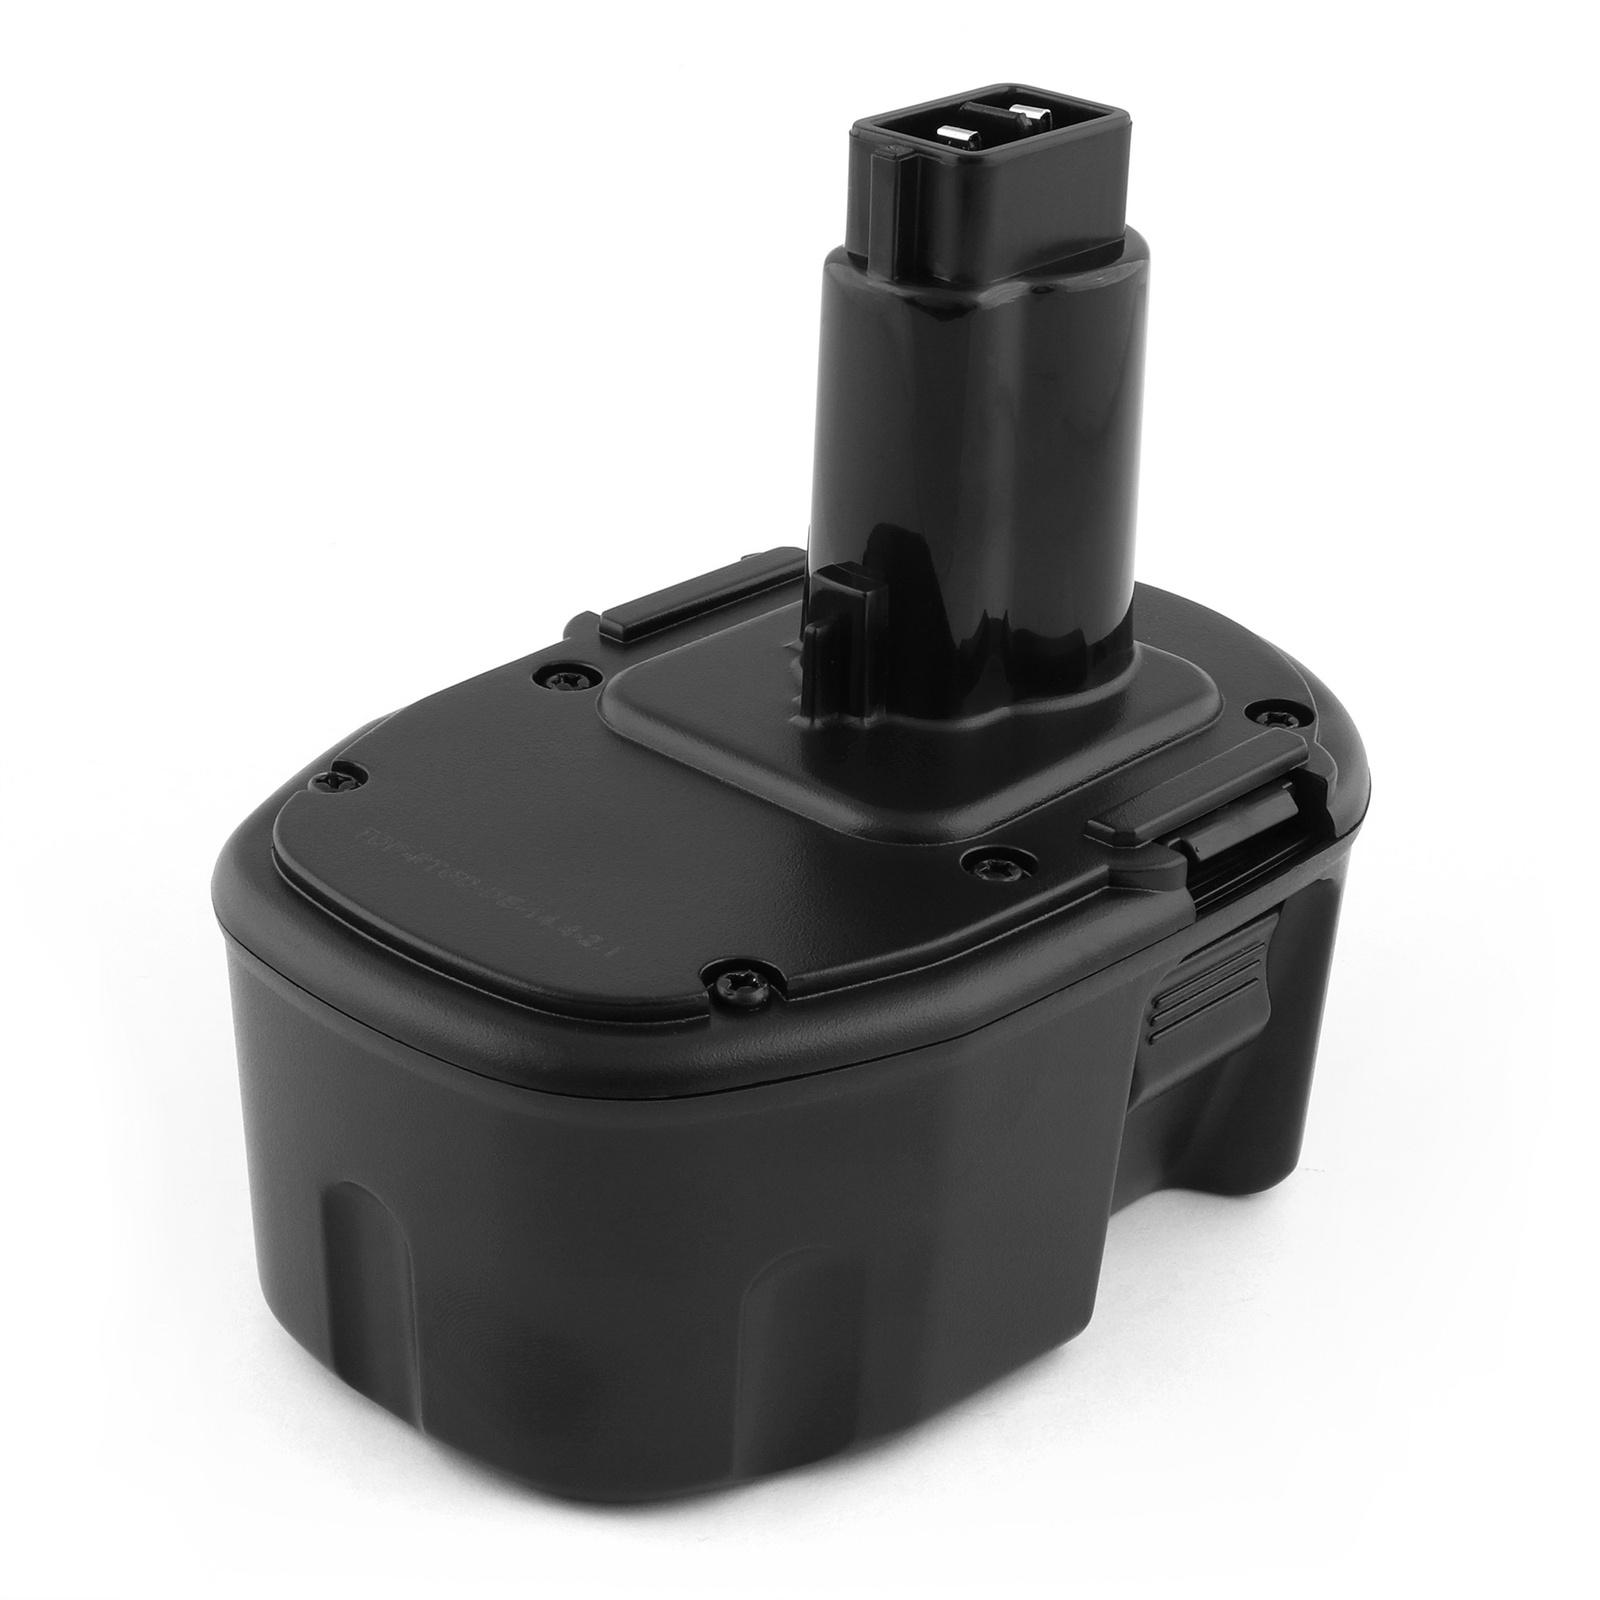 Аккумулятор для инструмента TopON DeWalt 14.4V 2.1Ah (Ni-Mh) PN: DC9091, DE9038, DE9091, DE9092. аккумулятор для dewalt 14 4v 2 1ah ni mh dc dcd dw series dc9091 de9038 de9091 de9092